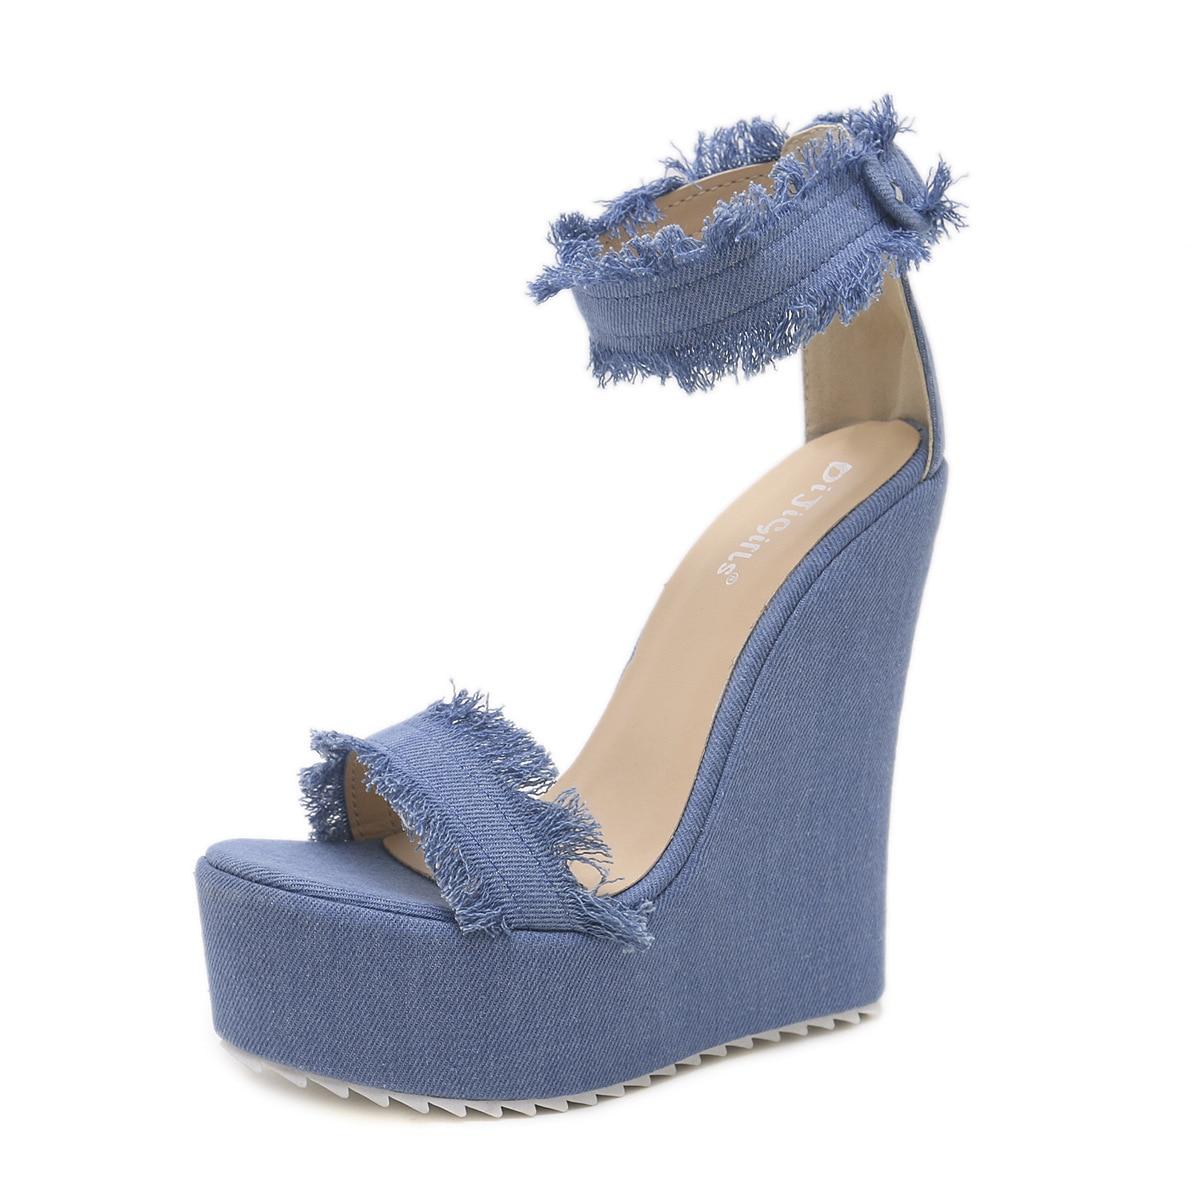 Hauts Patché Bleu Côté Denim Talons Sandales Cales Dames D'été Boucles En Brun Chaude Chaussures Cristal À Cuir Femmes Glitter wWFZ4